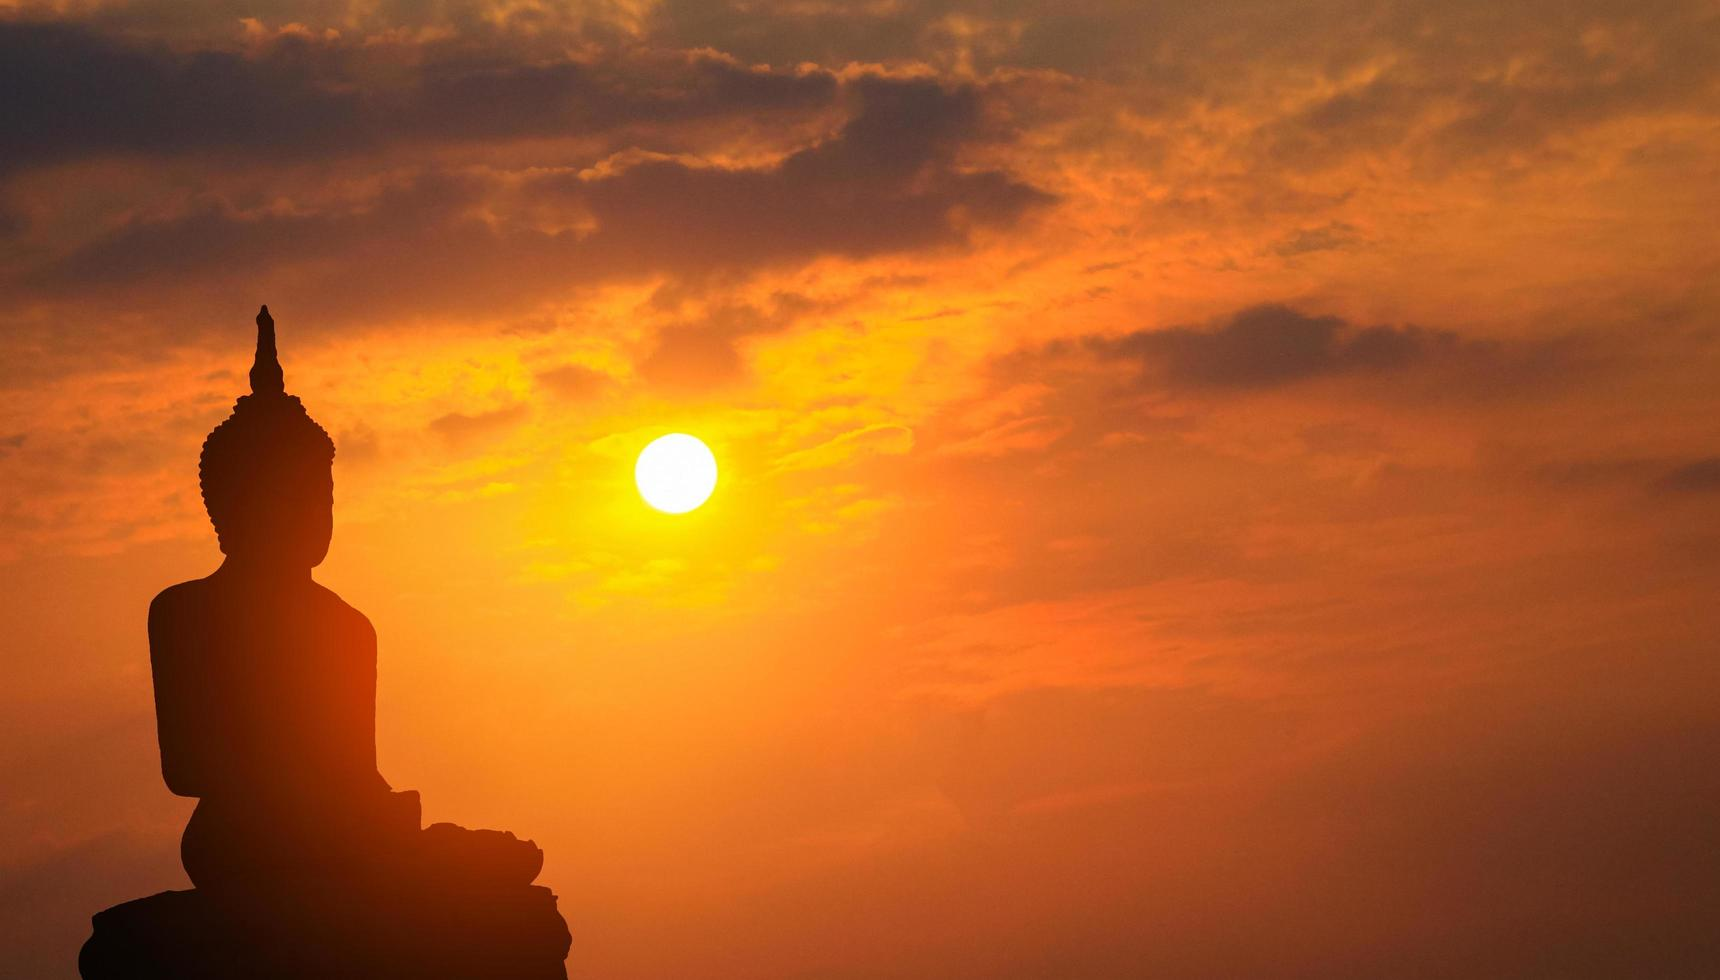 silhouet van Boeddhabeeld bij zonsondergang foto